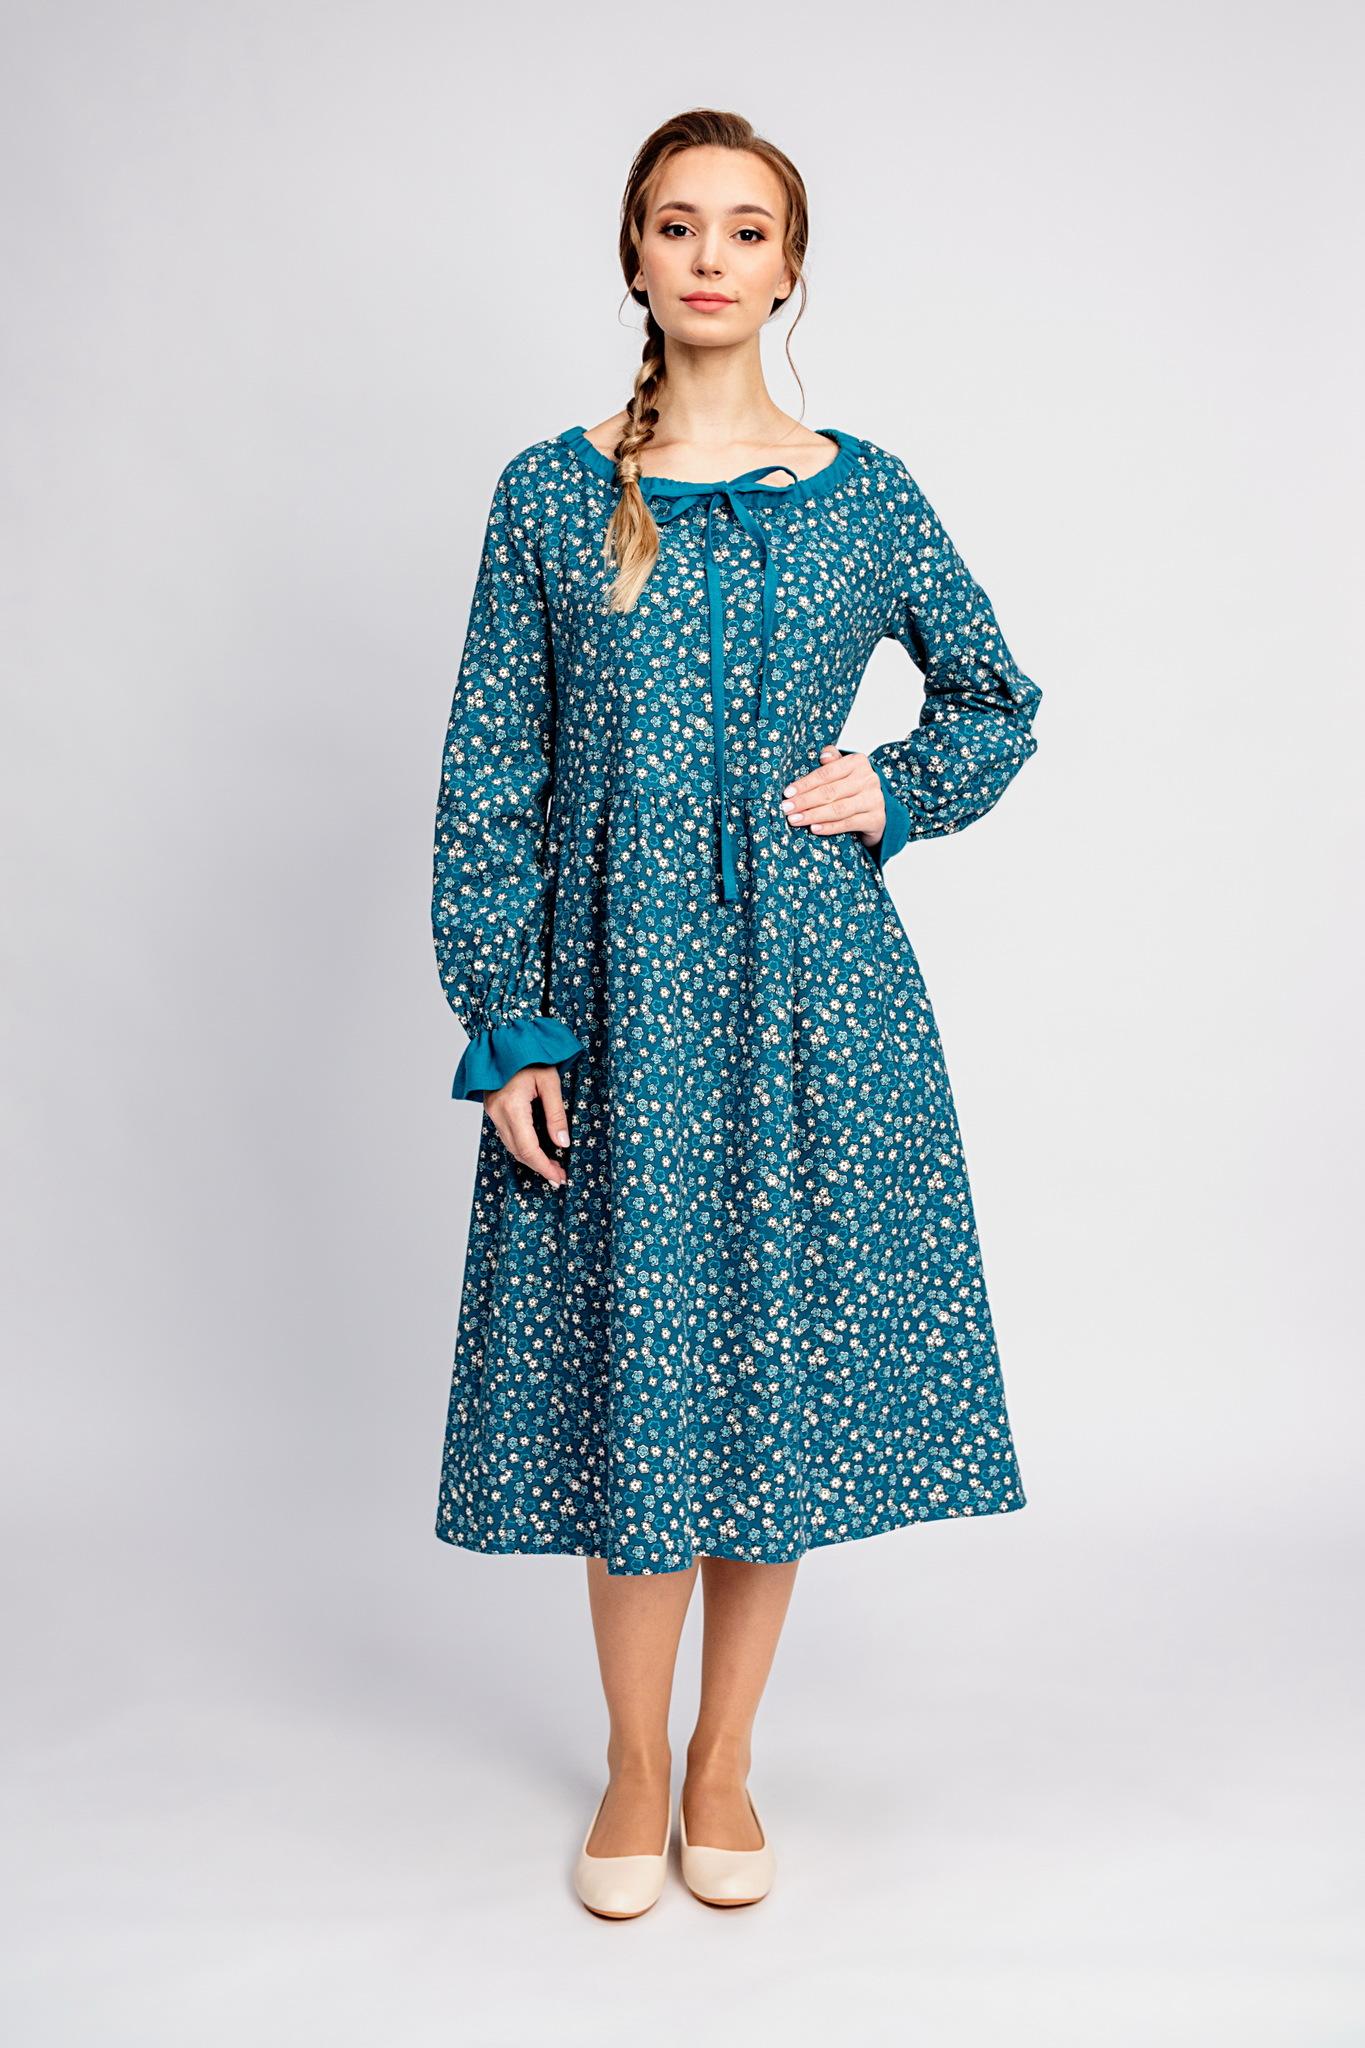 Платье из теплого хлопка Бирюзовая Катунь